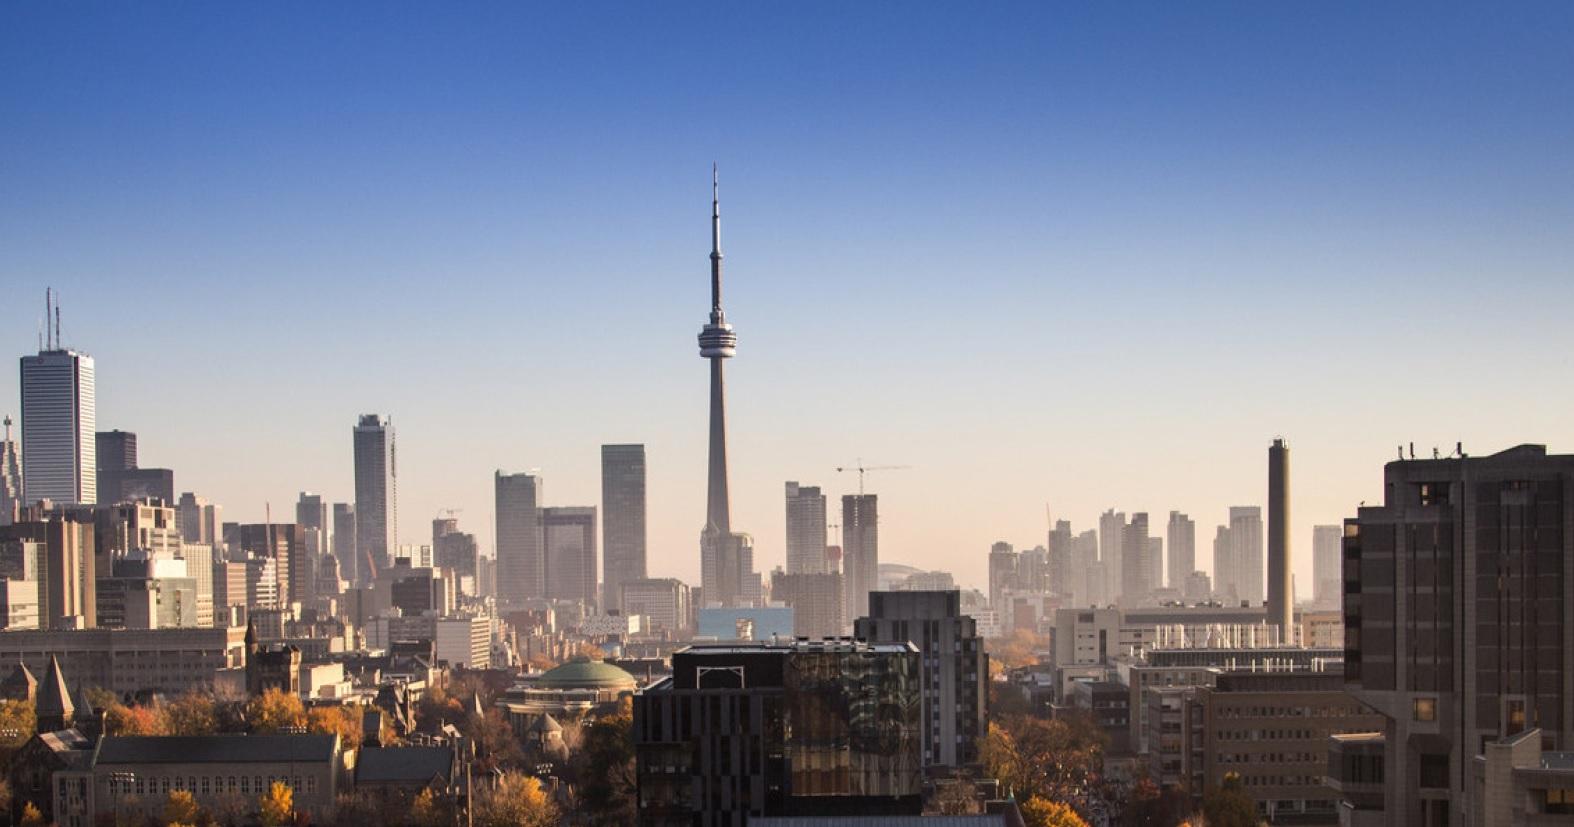 Toronto Ontario Quantity Surveyors